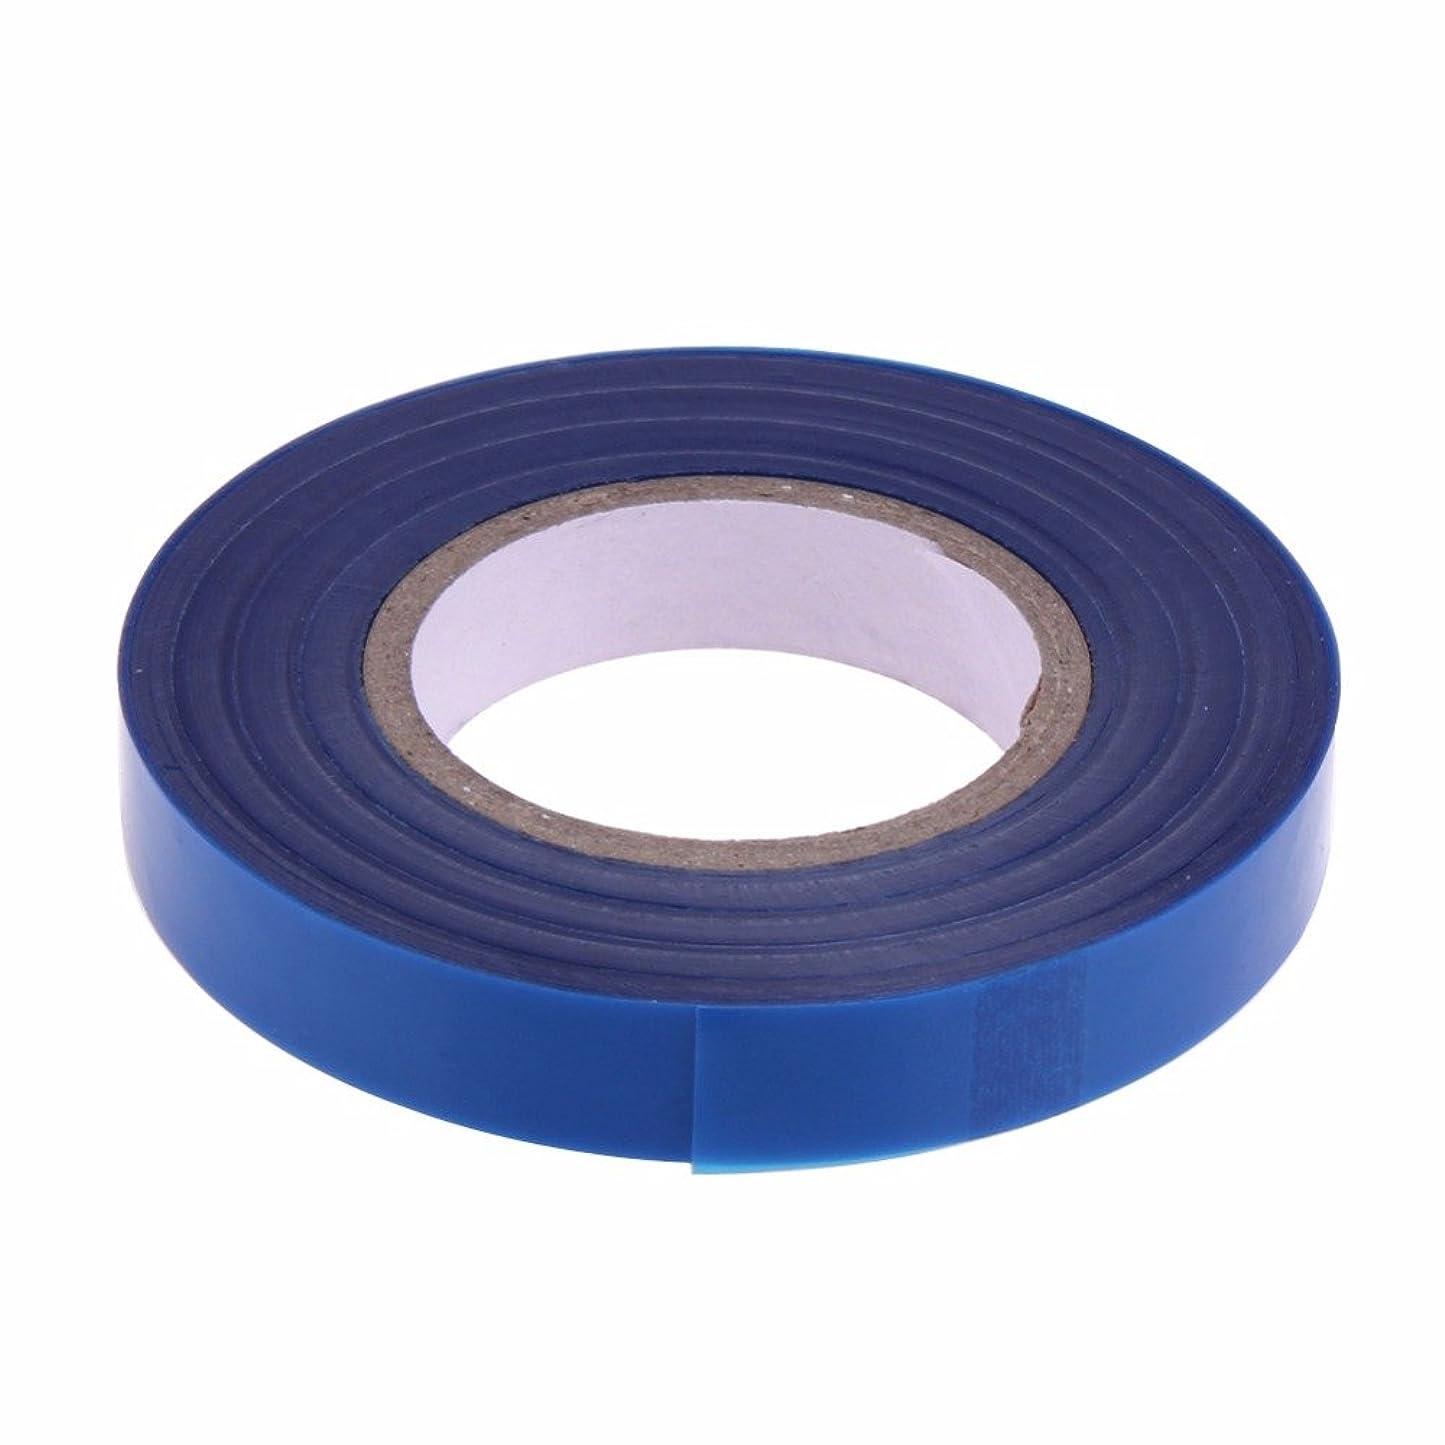 会社エスニック送金Xigeapg 20個/セット テープツール分岐テープ花野菜果樹園芸テープ Tapenterグレープブランチ固定テープ 結束機用